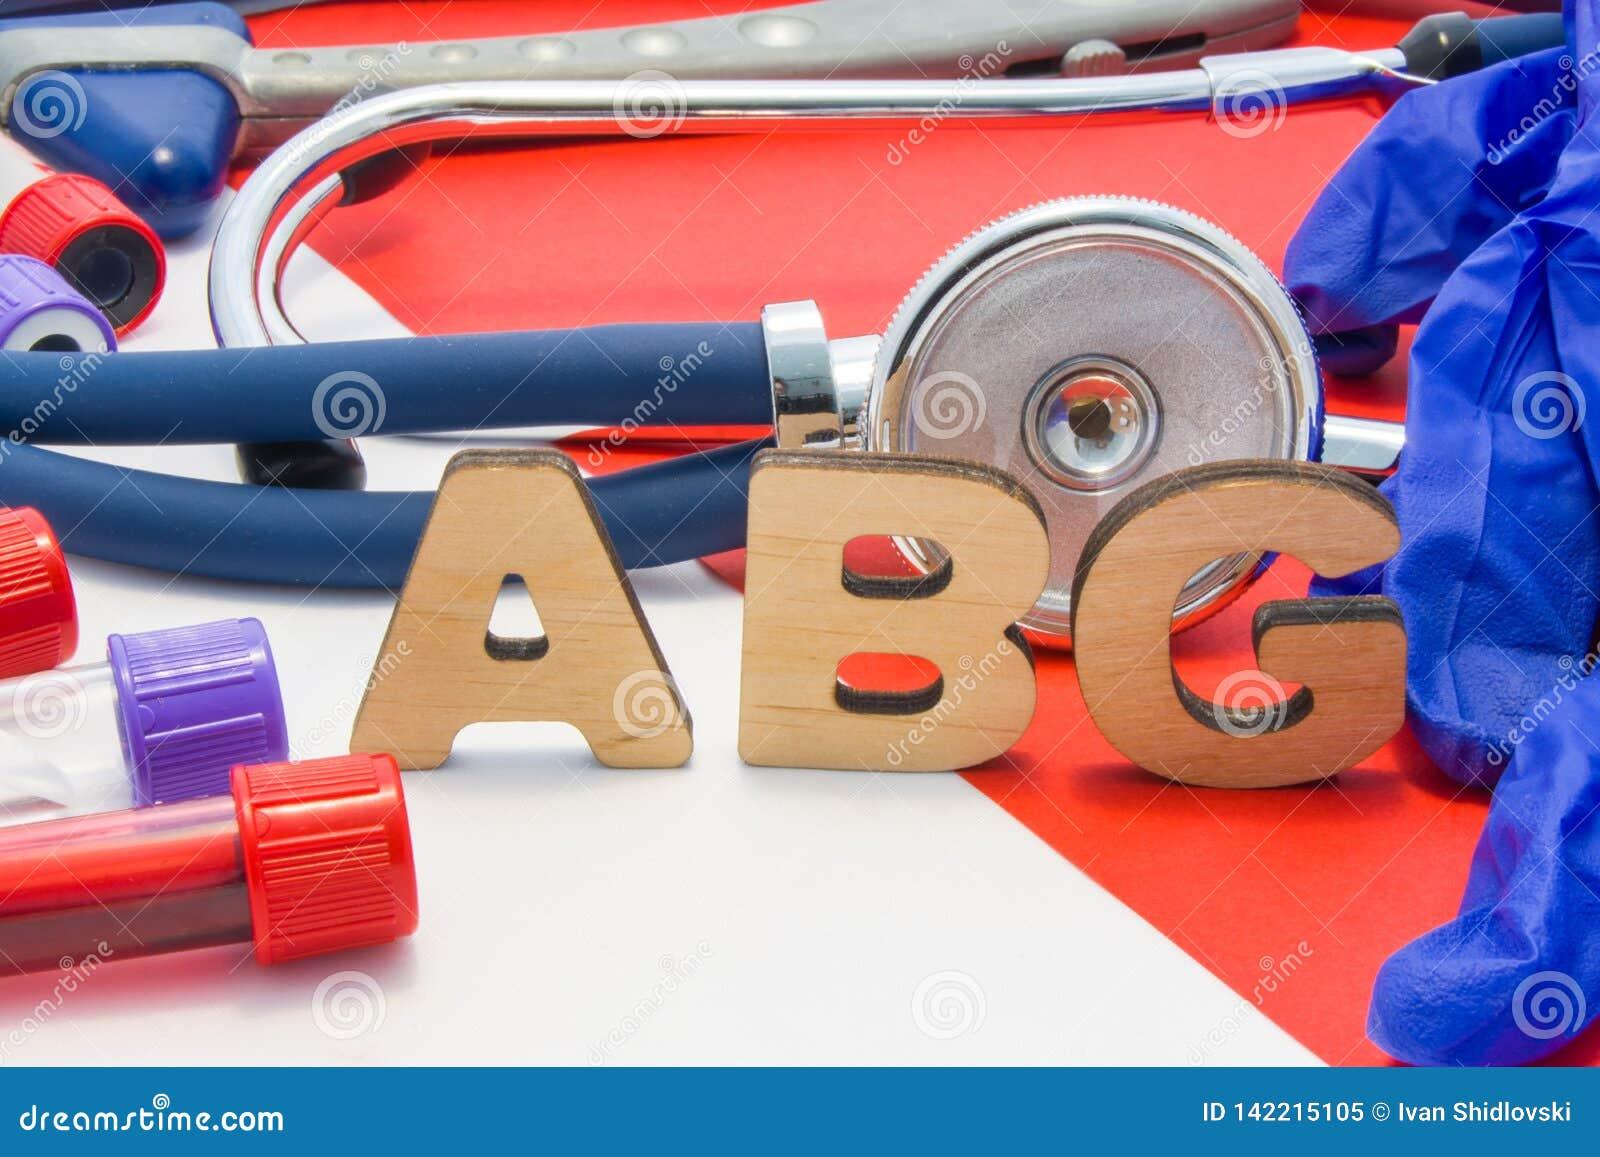 De medische afkorting die van ABG slagaderlijk bloedgas in bloed in laboratoriumdiagnostiek betekenen op rode achtergrond De chem